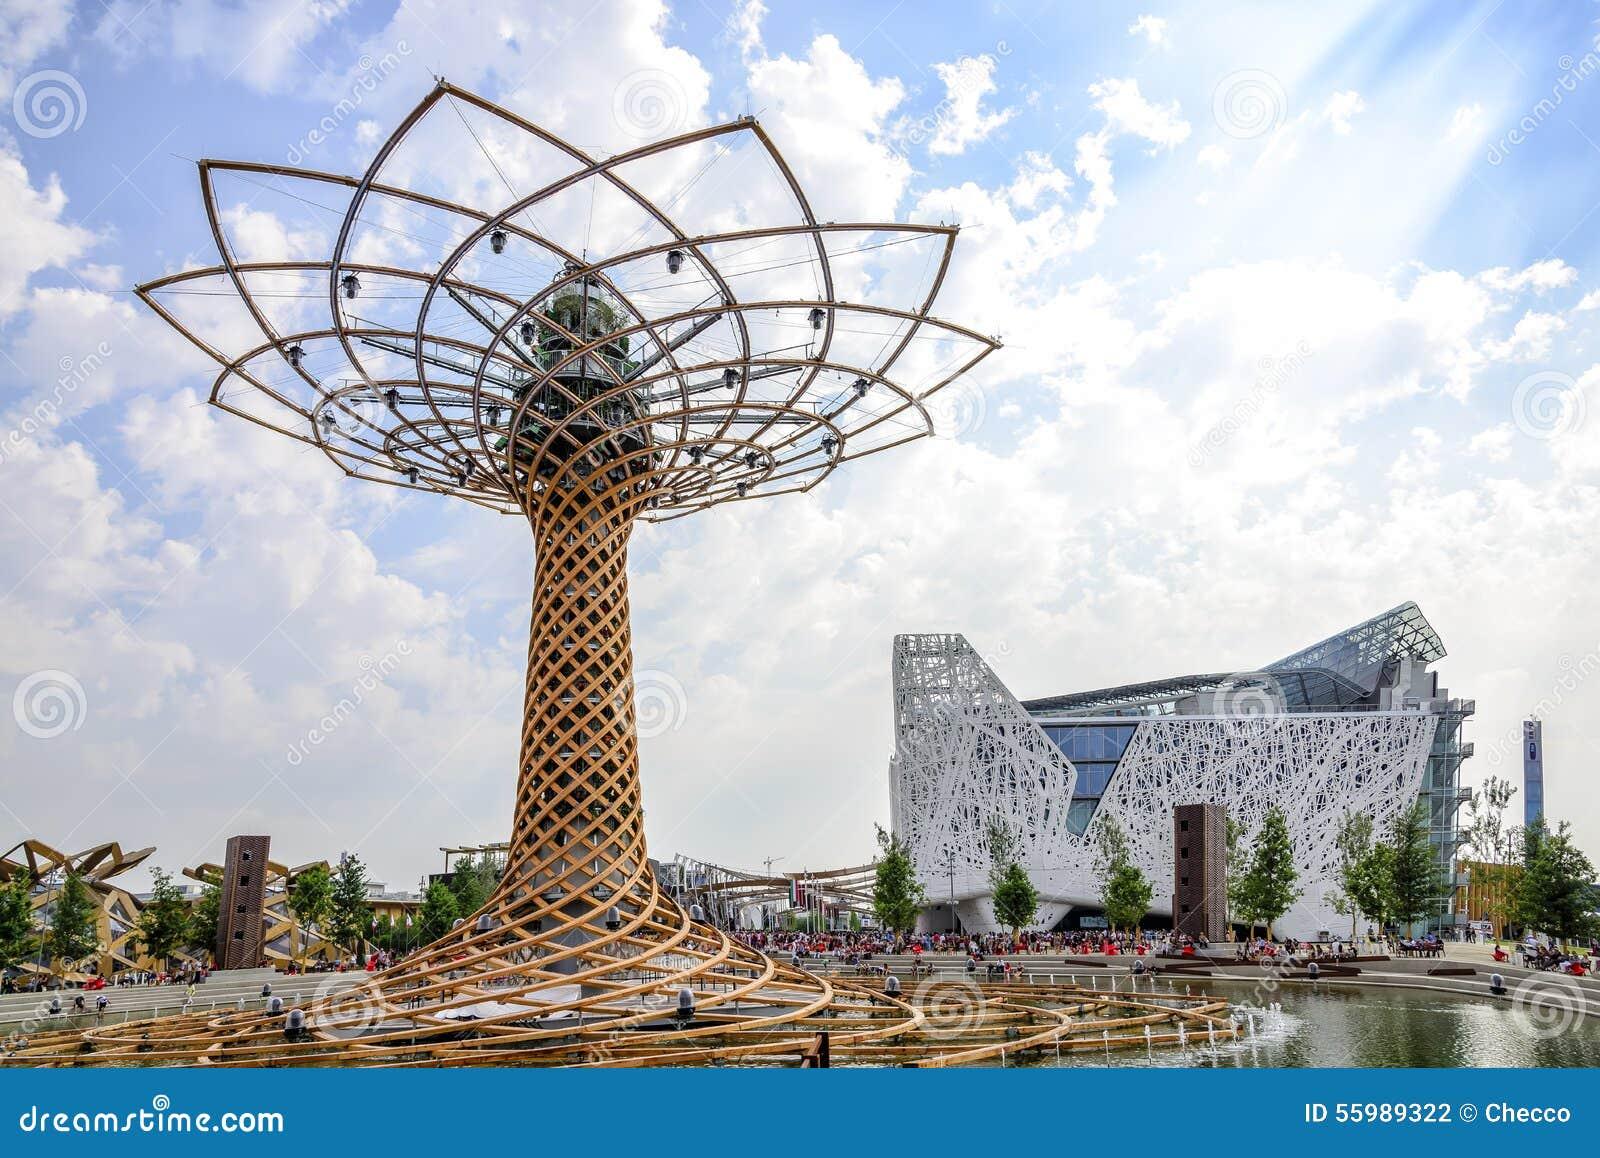 Expo Milan Les Stands : L arbre de la vie et le pavillon italien à expo